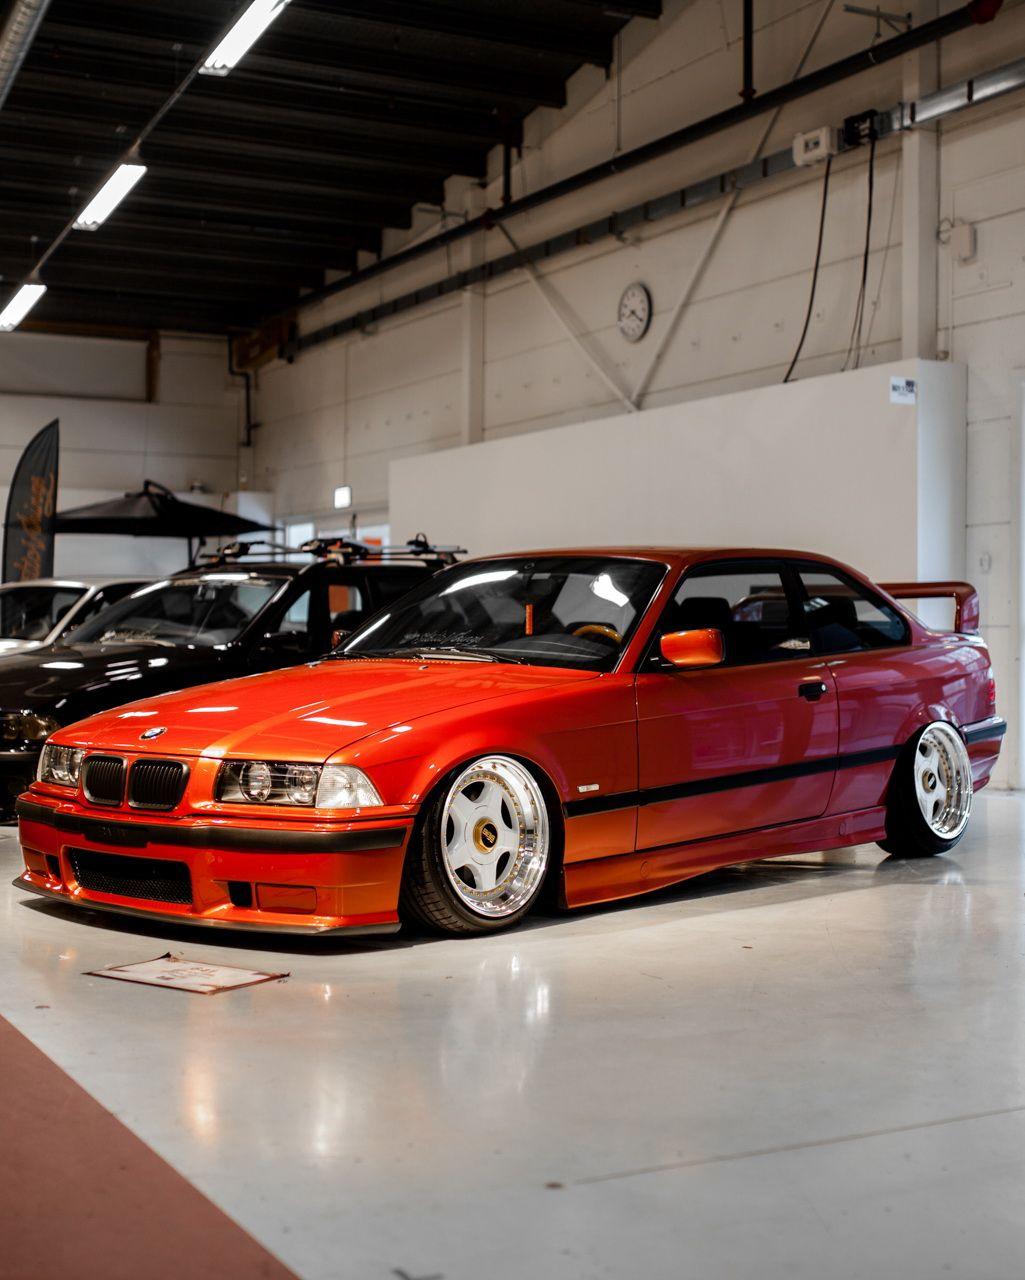 Bmw Z3 Yellow: Bmw E36, BMW And Cars